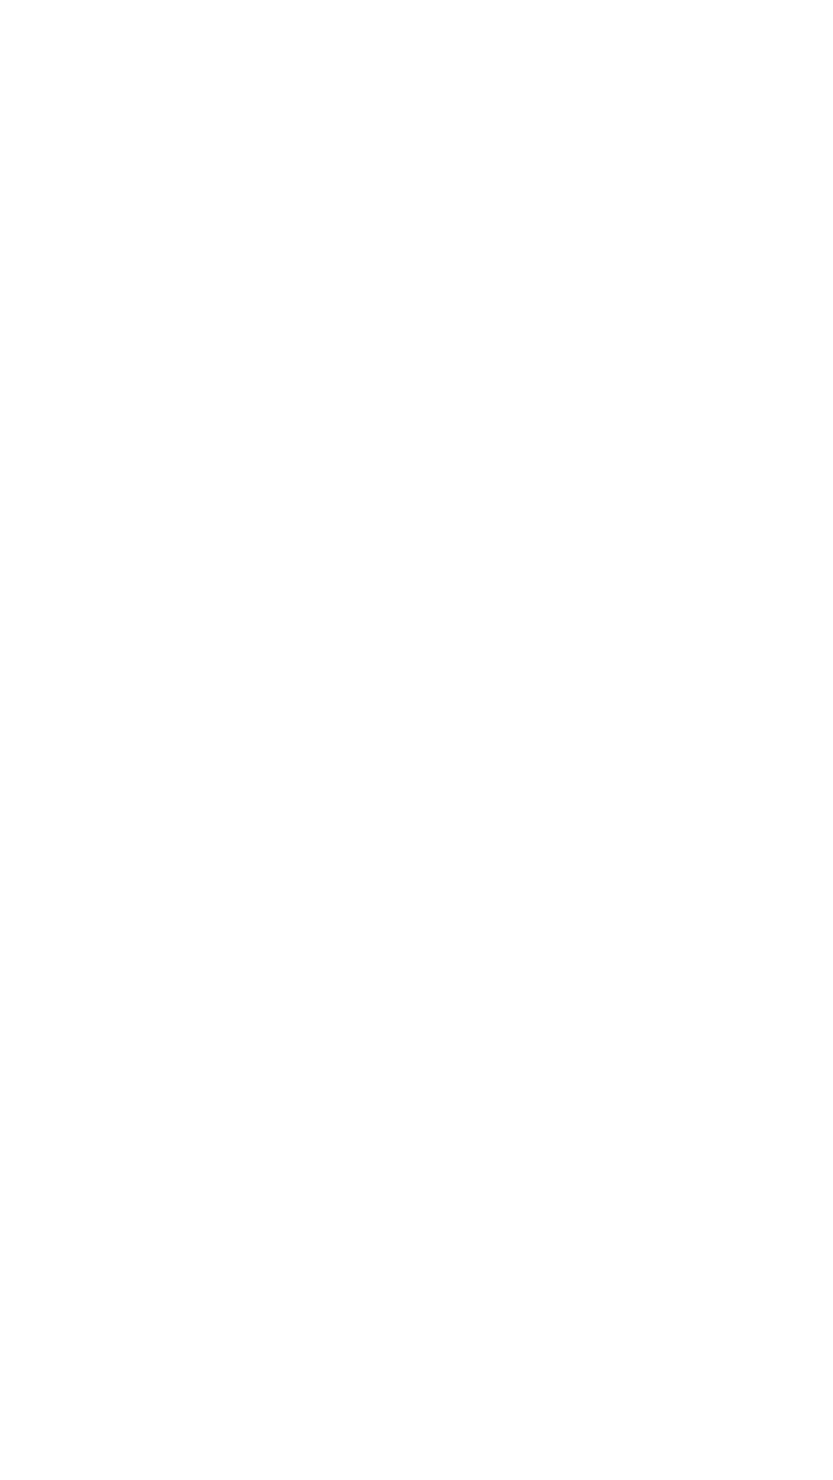 صفحه سفید ساده برای نوشتن در گوشی استوری اینستاگرام